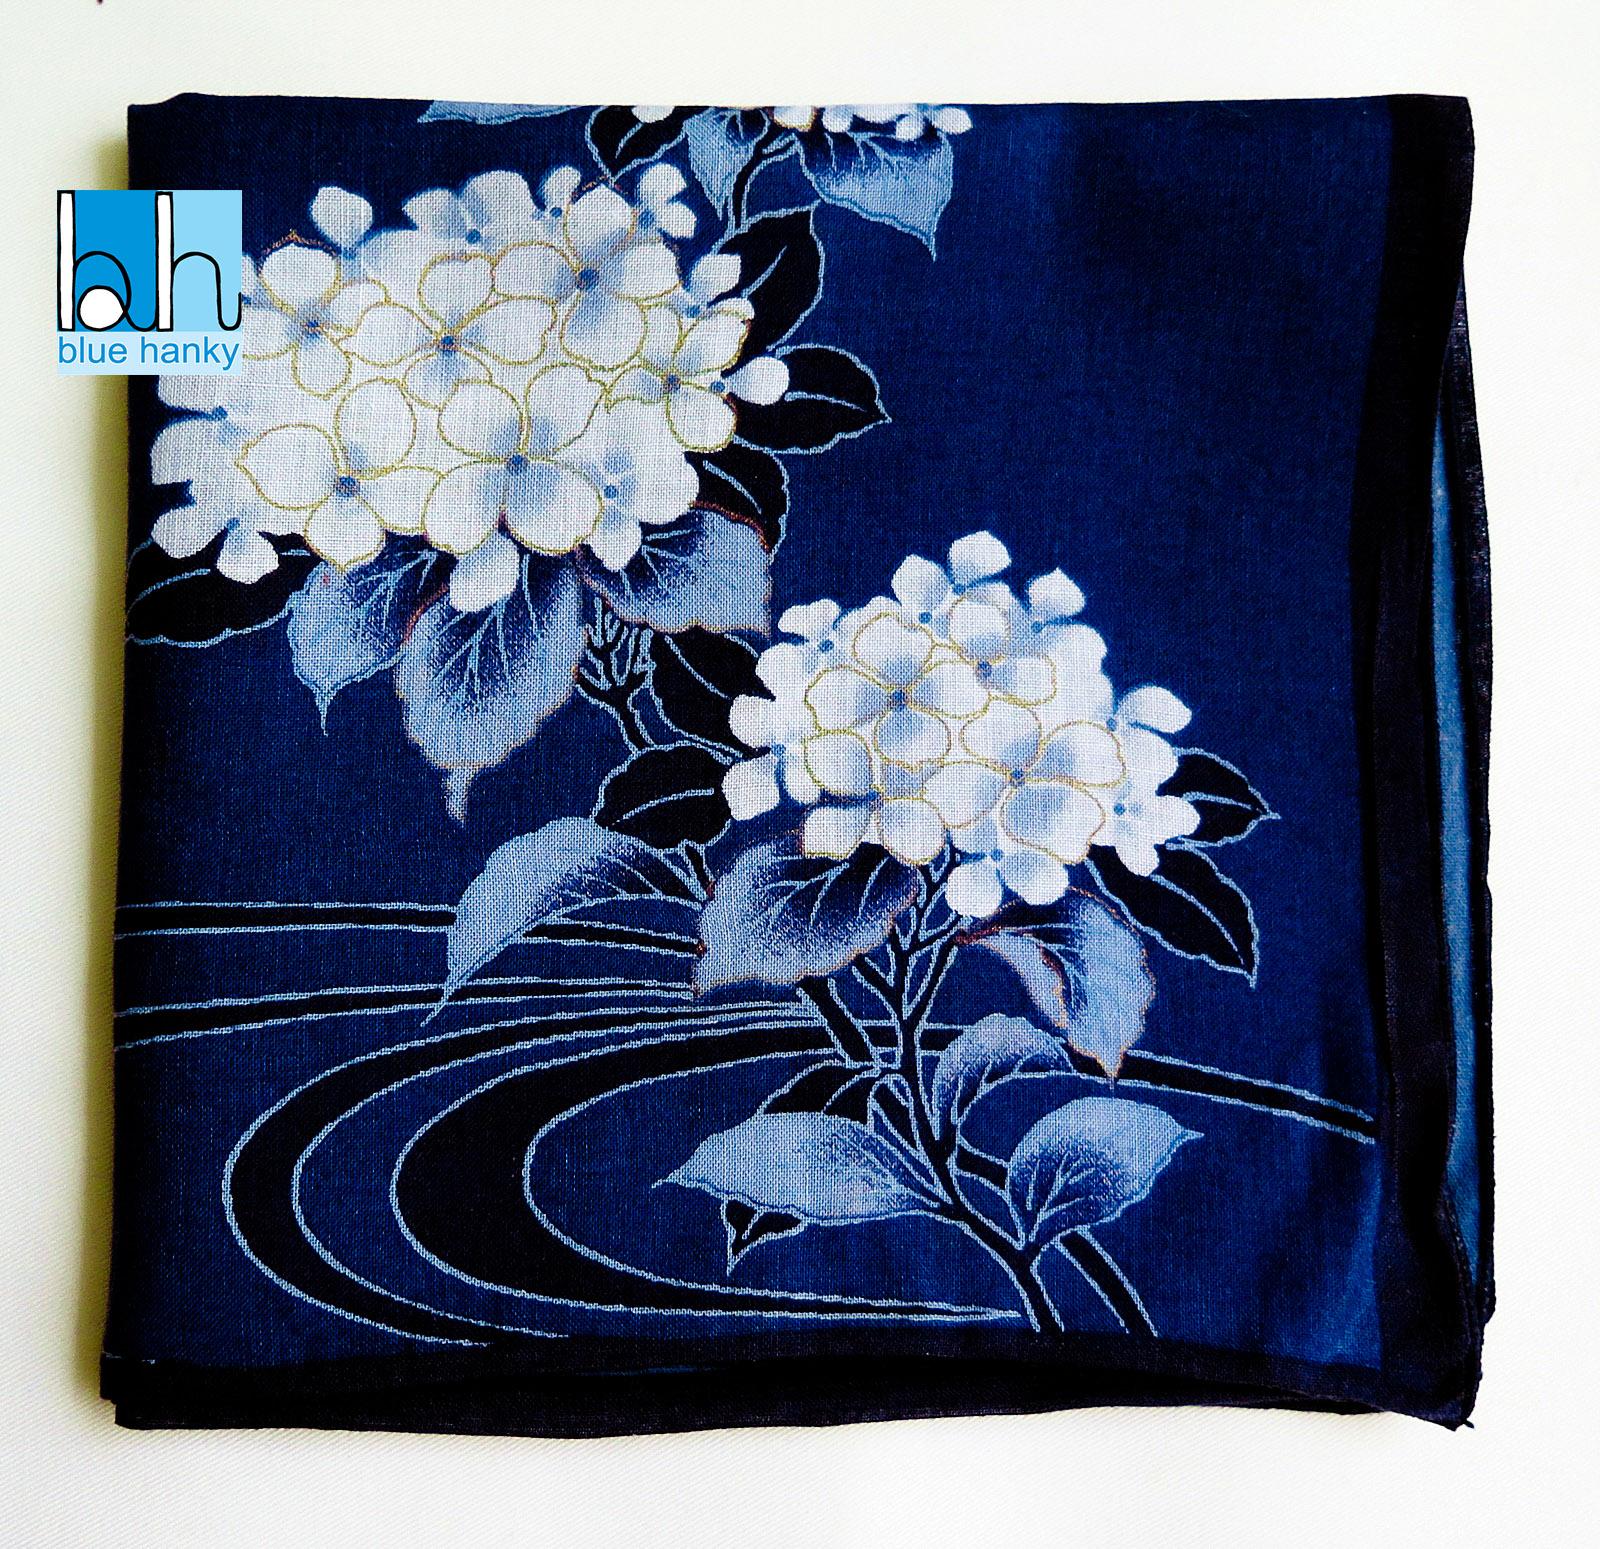 """#101 18"""" ญี่ปุ่น ผ้าเช็ดหน้ามือ2 สภาพดี ผ้าเช็ดหน้าผืนใหญ่"""